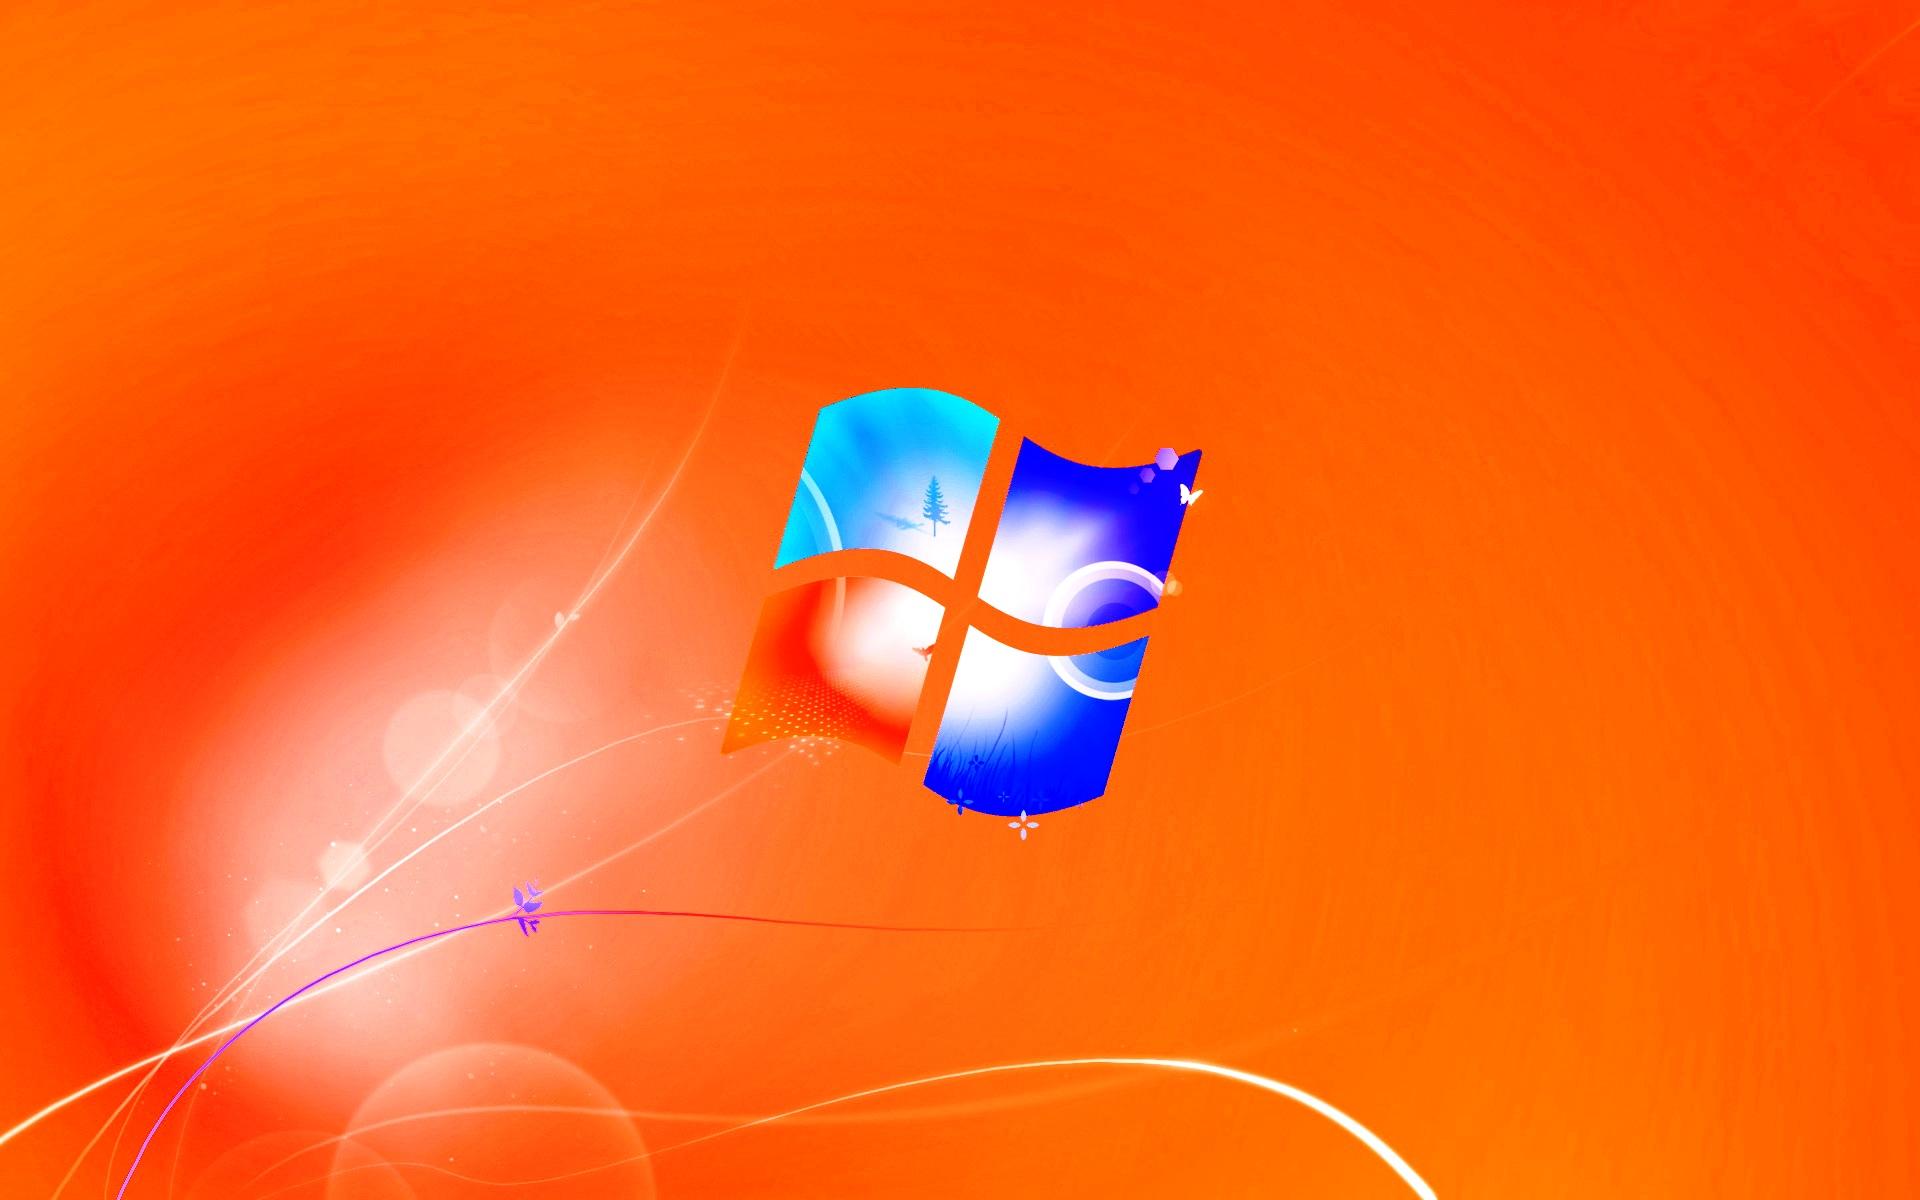 3d desktop wallpapers for windows 7 50 wallpapers